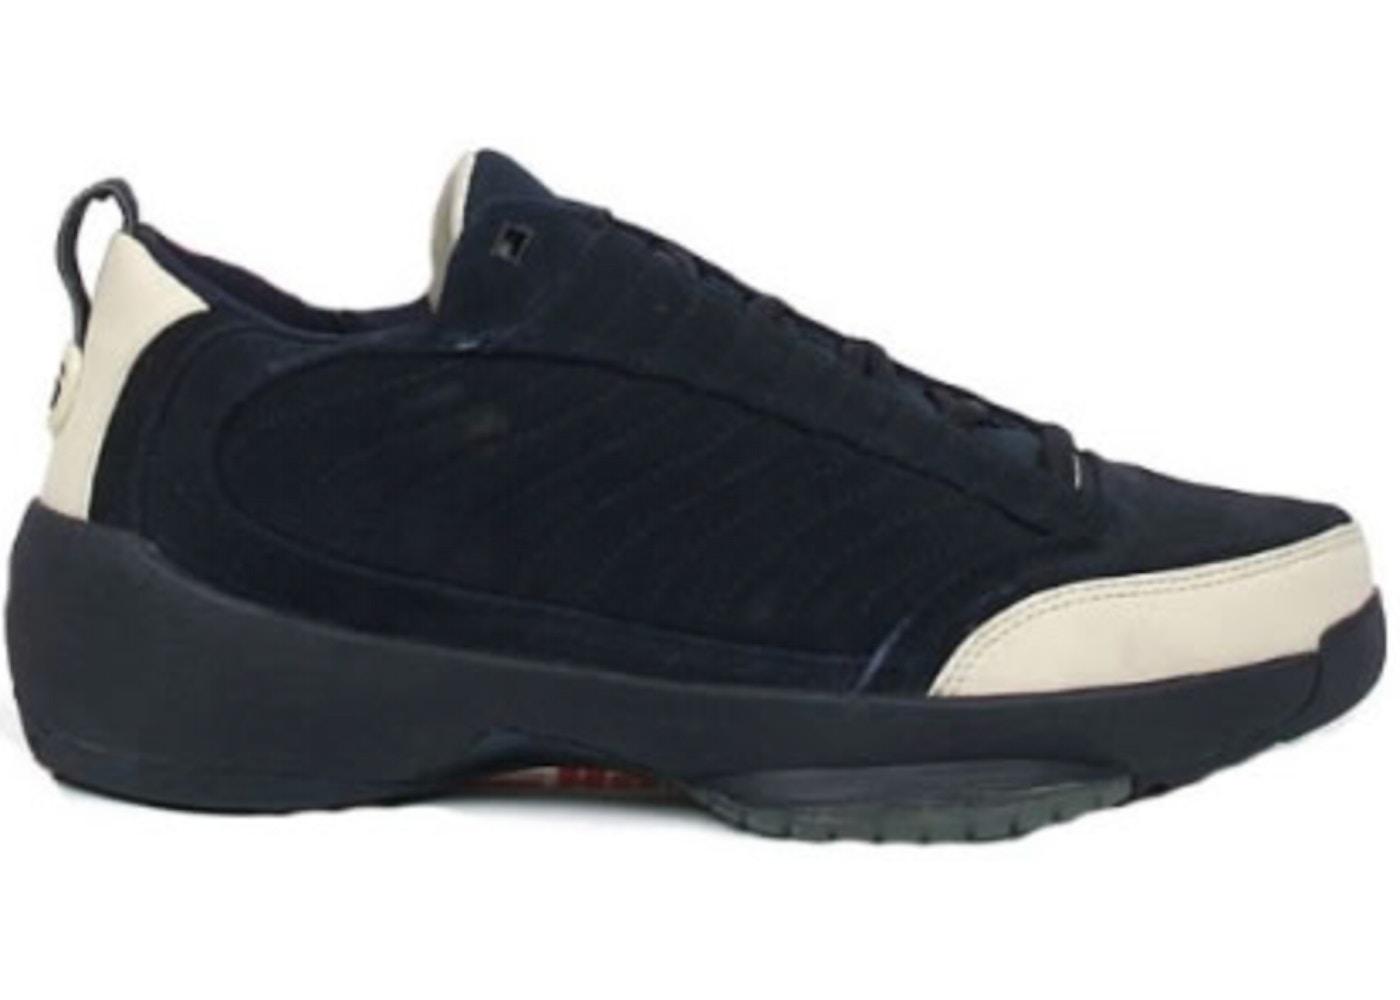 0929e33a3c99 Jordan 19 OG Low Obsidian Vapor - 308513-421